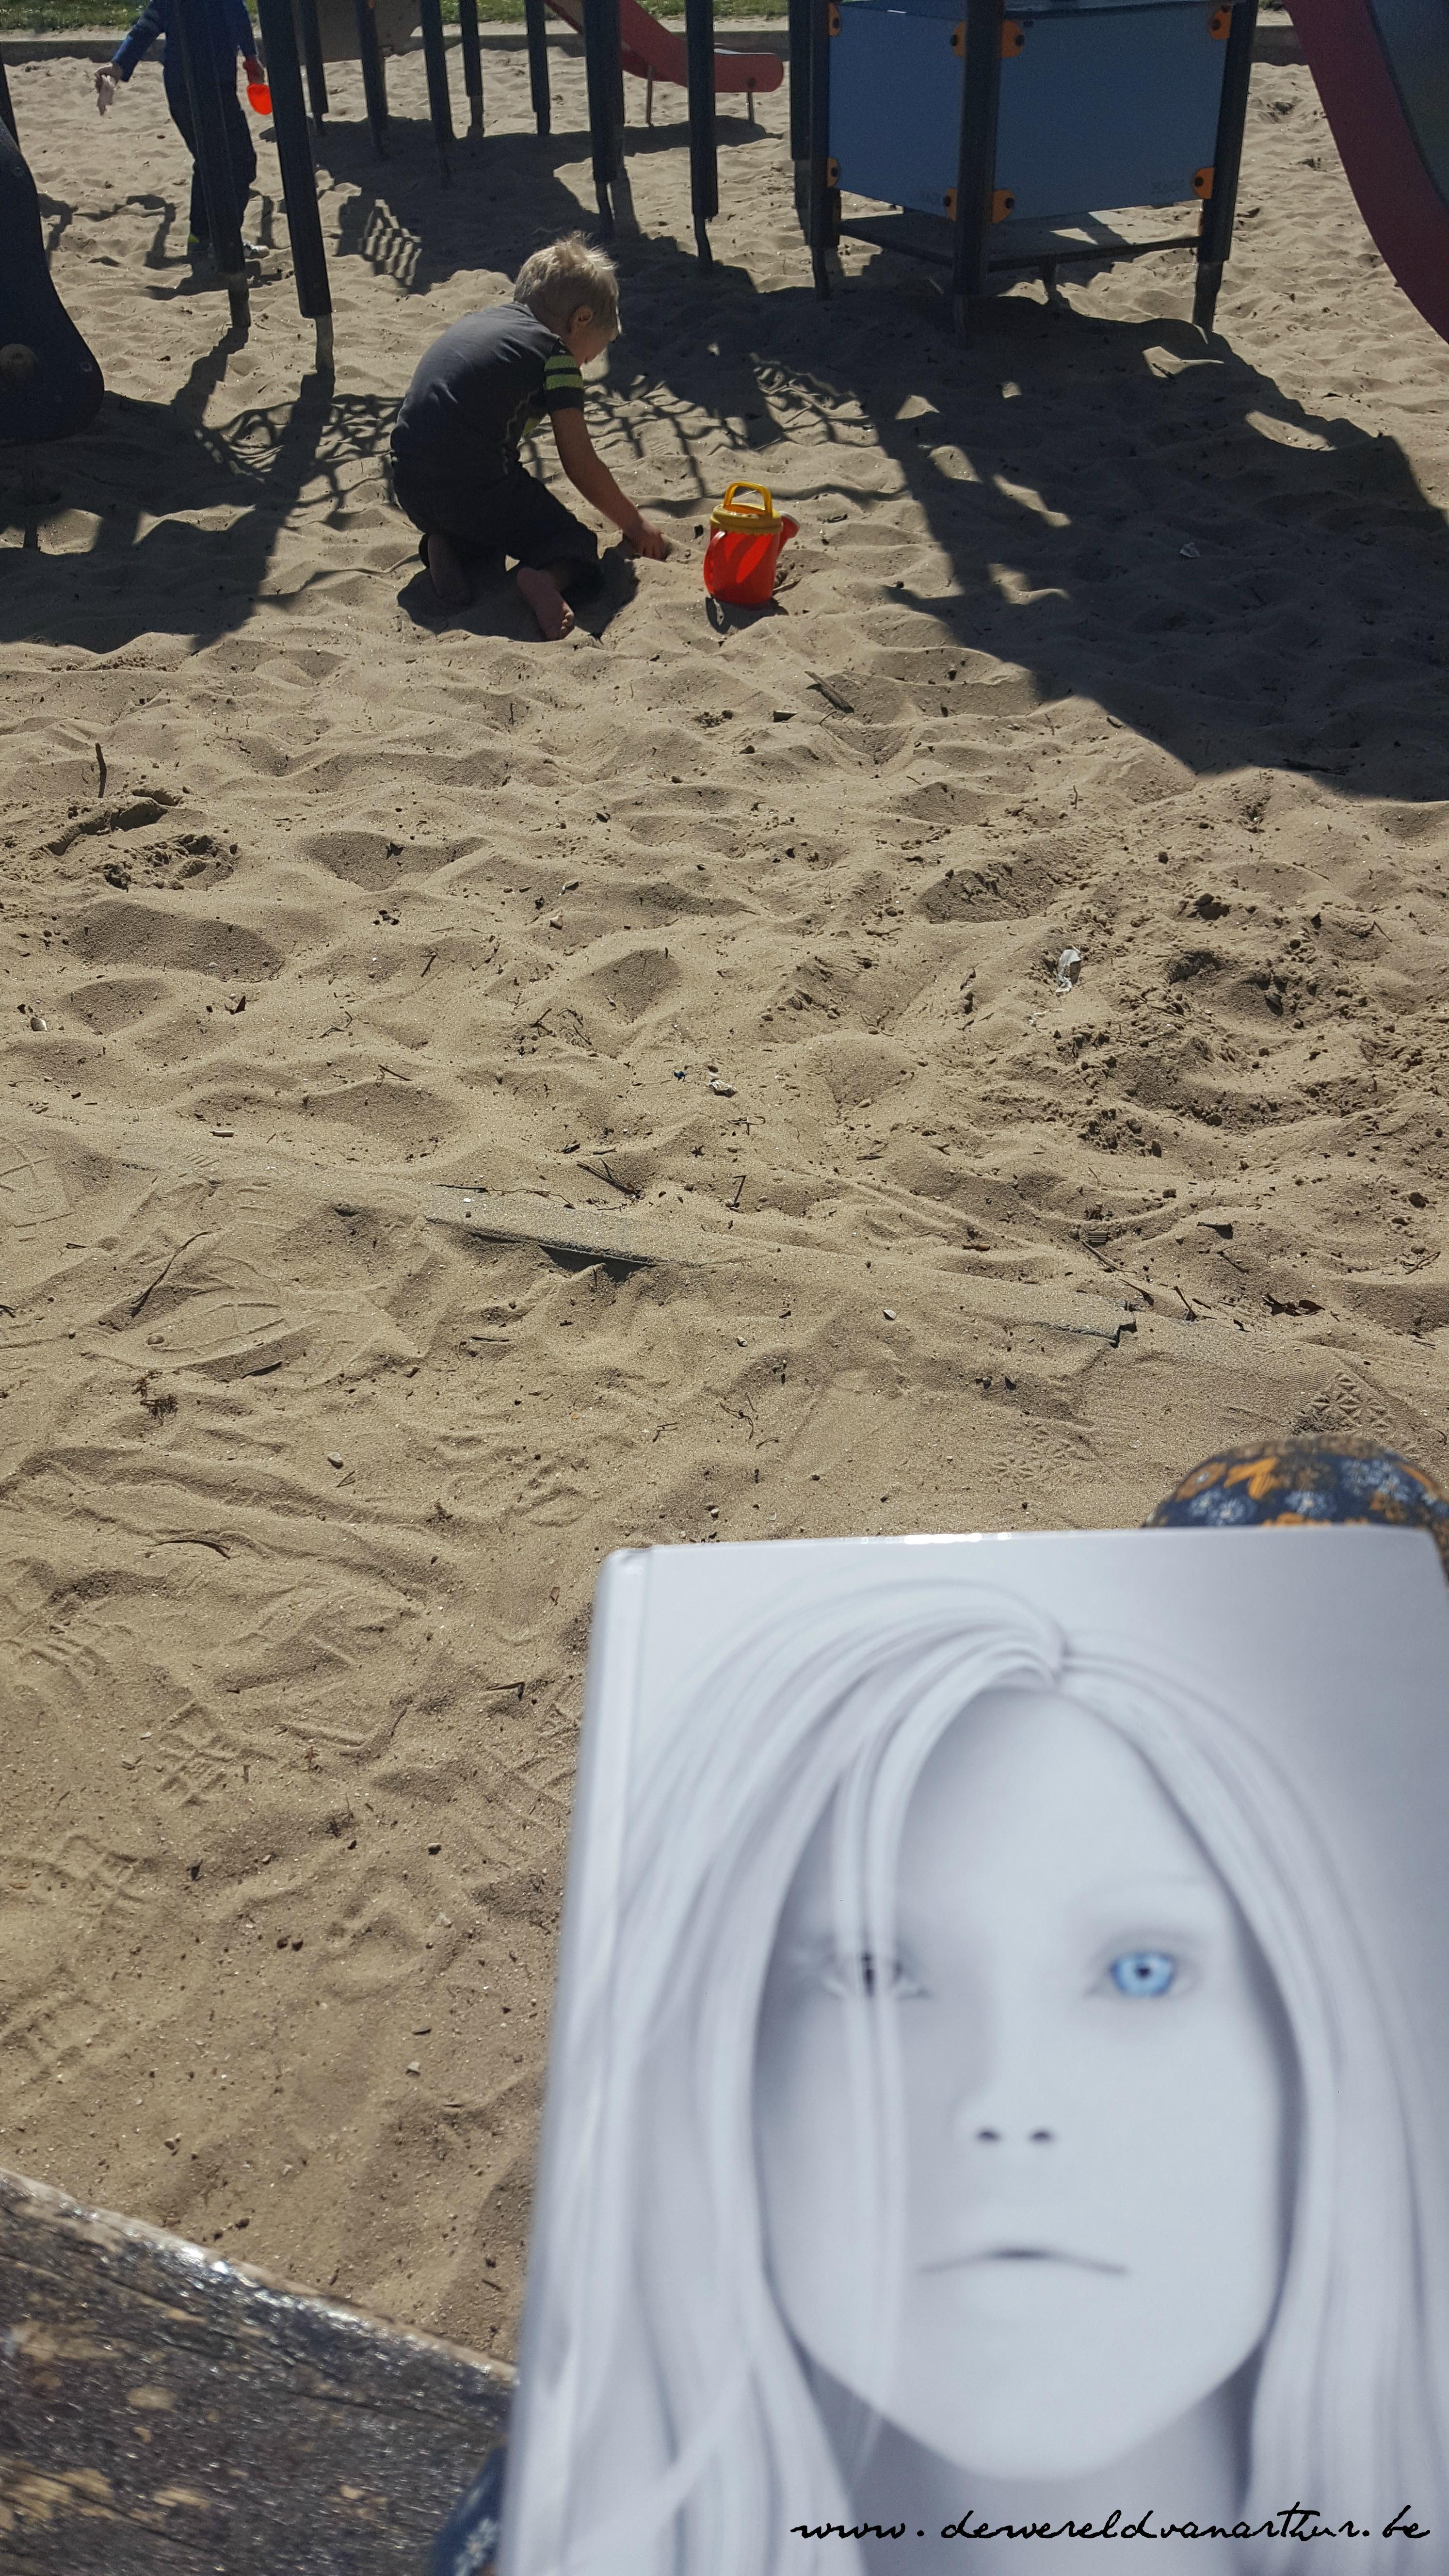 arthur en de zandbak en ik en mijn boek dewereldvanarthur.be